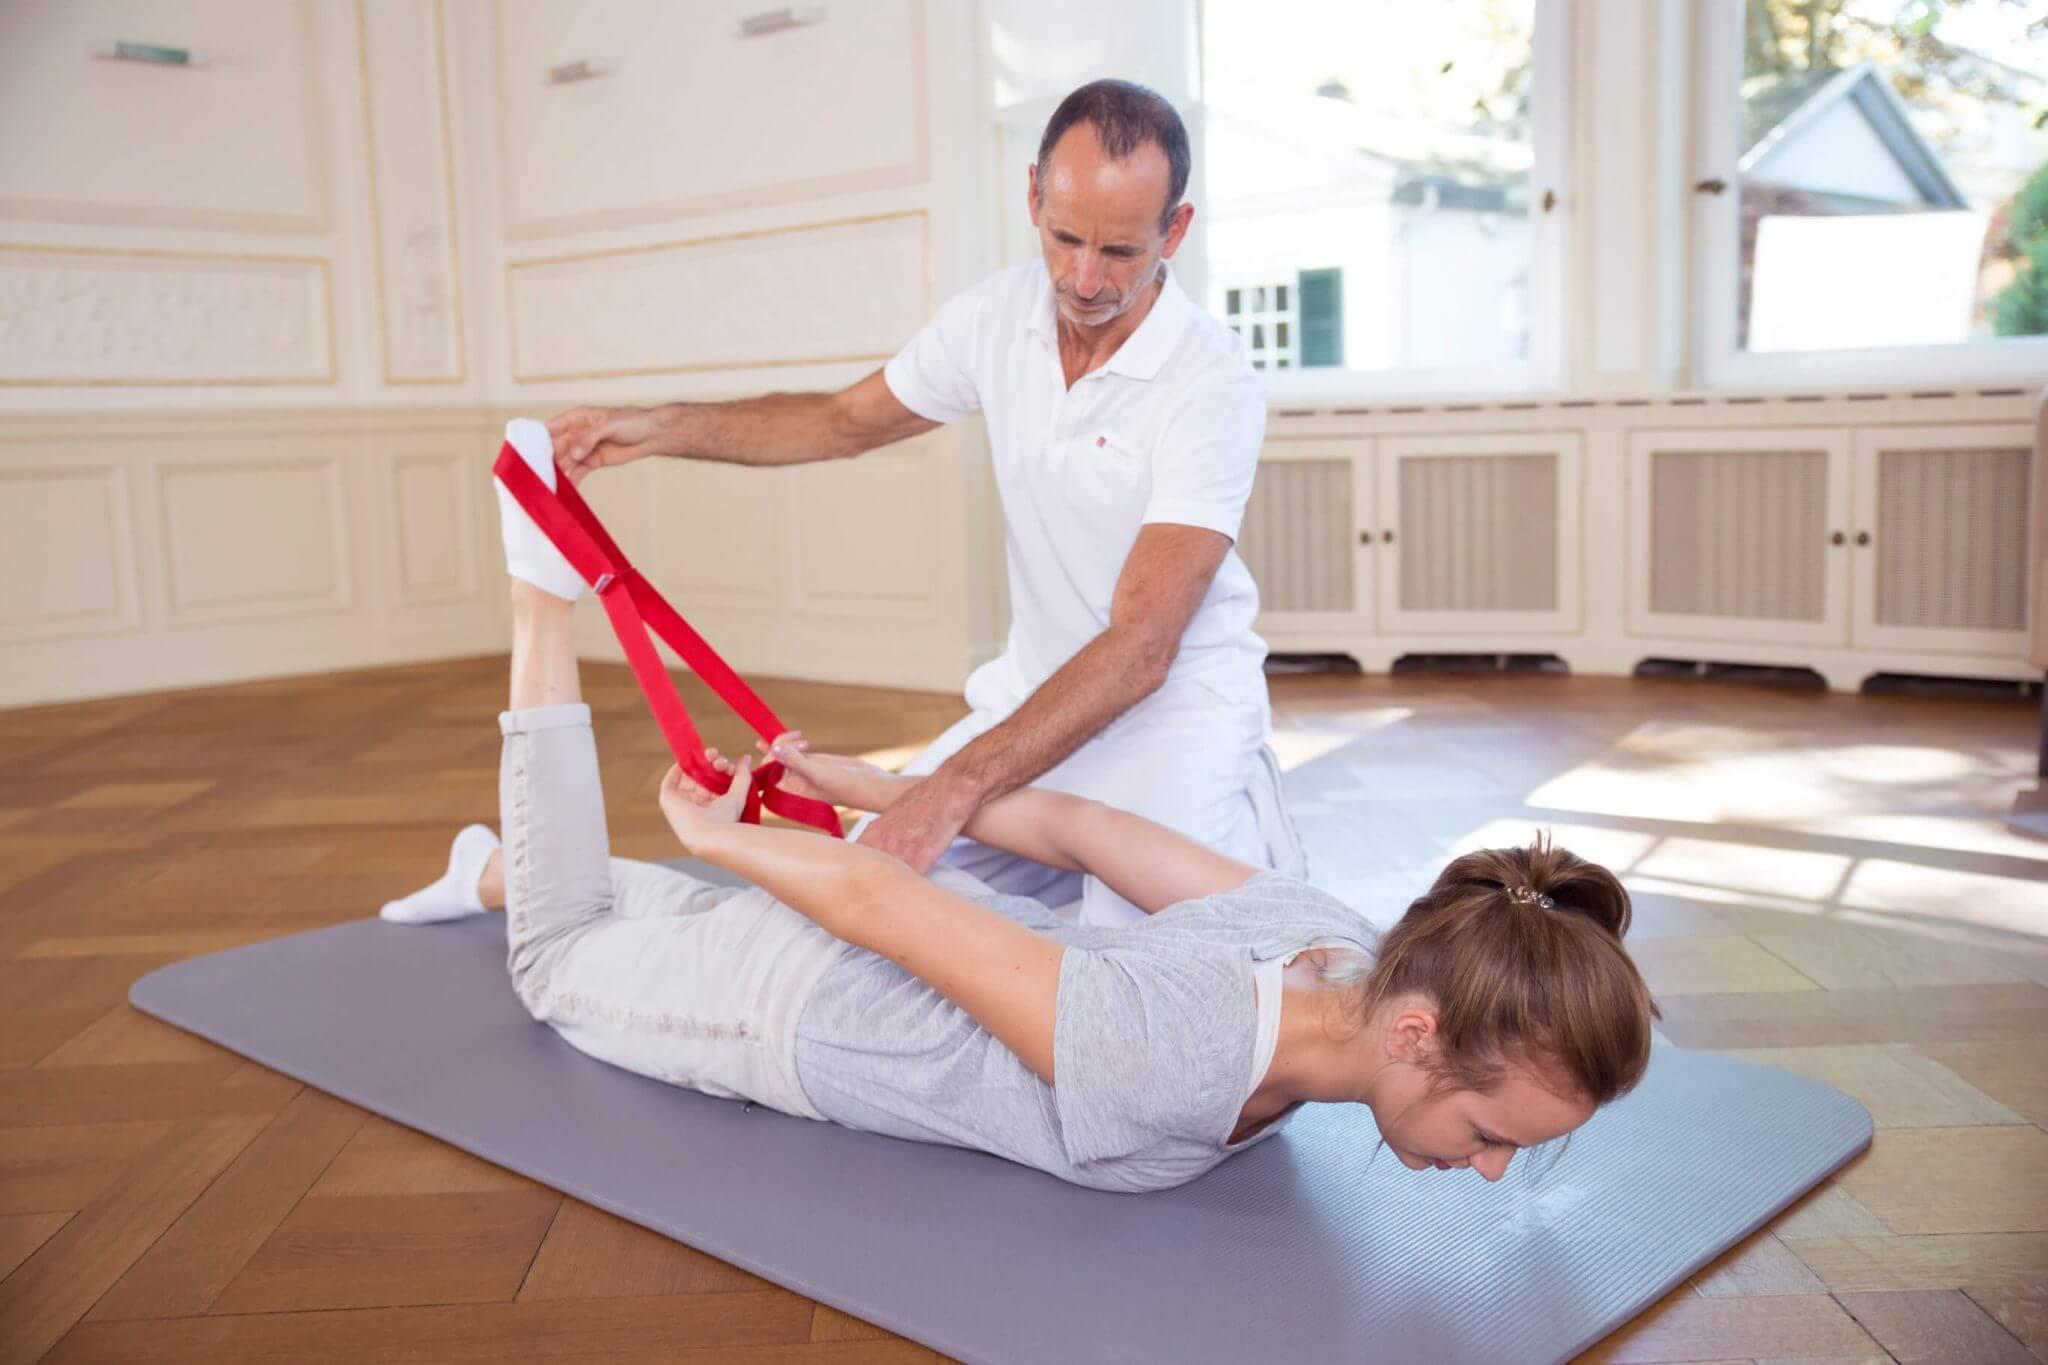 Roland Liebscher-Bracht zeigt einer Frau eine Übung. Sie liegt dabei bäuchlings auf dem Boden und zieht ihr Bein mithilfe der Übungsschlaufe in Richtung Gesäß.